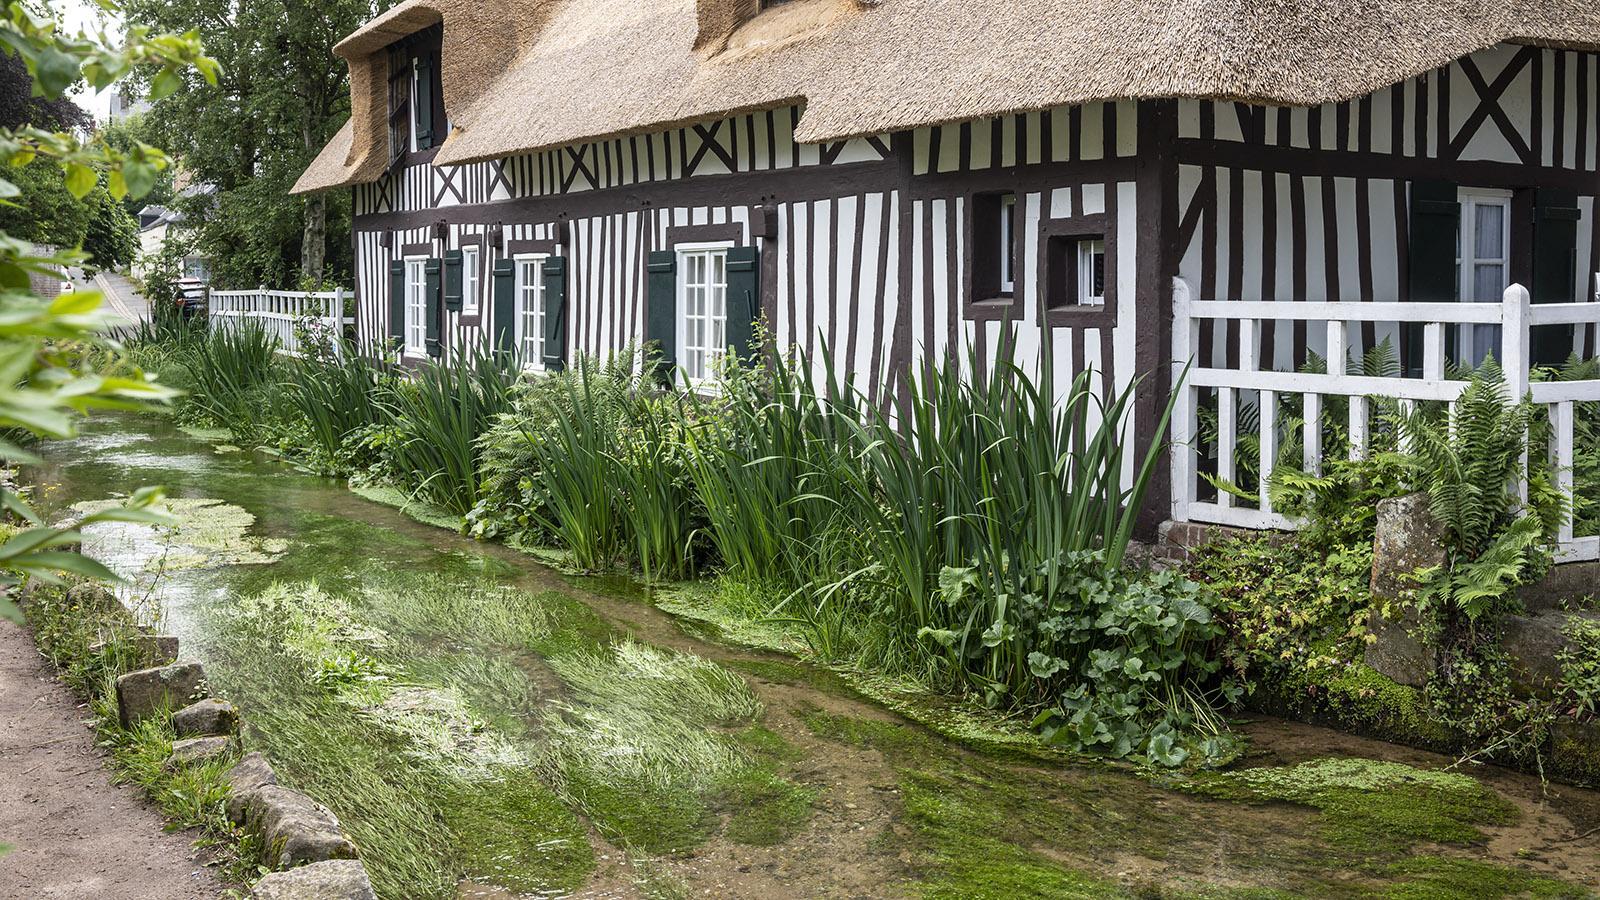 Die Veules in Vezles-les-Roses. Der kleine Ort hört zu den schönsten Dörfern Frankreichs. Foto: Hilke Maunder